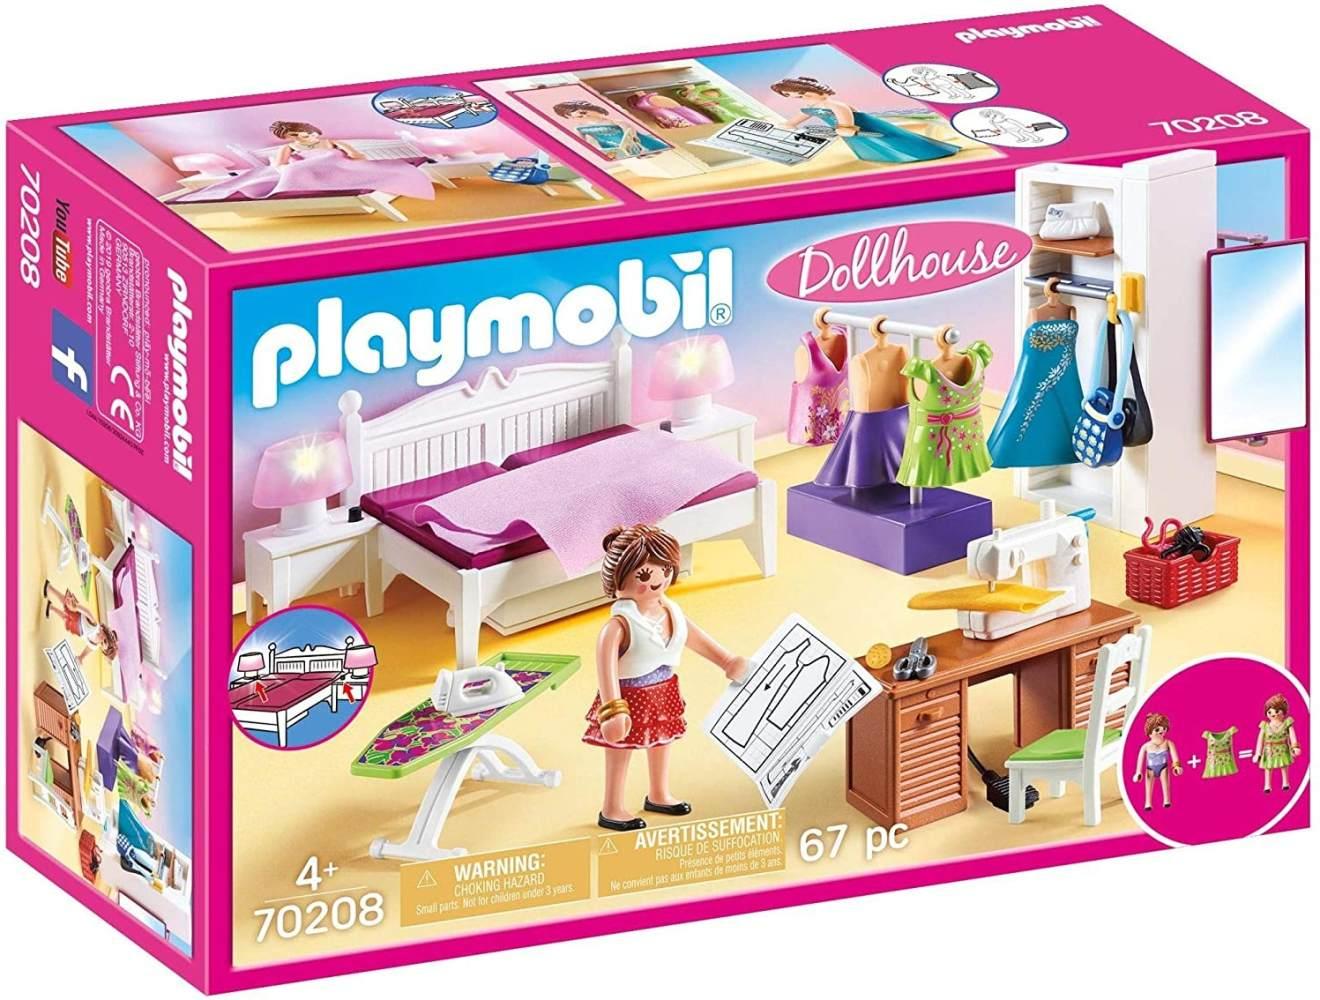 Playmobil Dollhouse 70208 Schlafzimmer und Nähstudio, mit Lichteffekten, ab 4 Jahren Bild 1